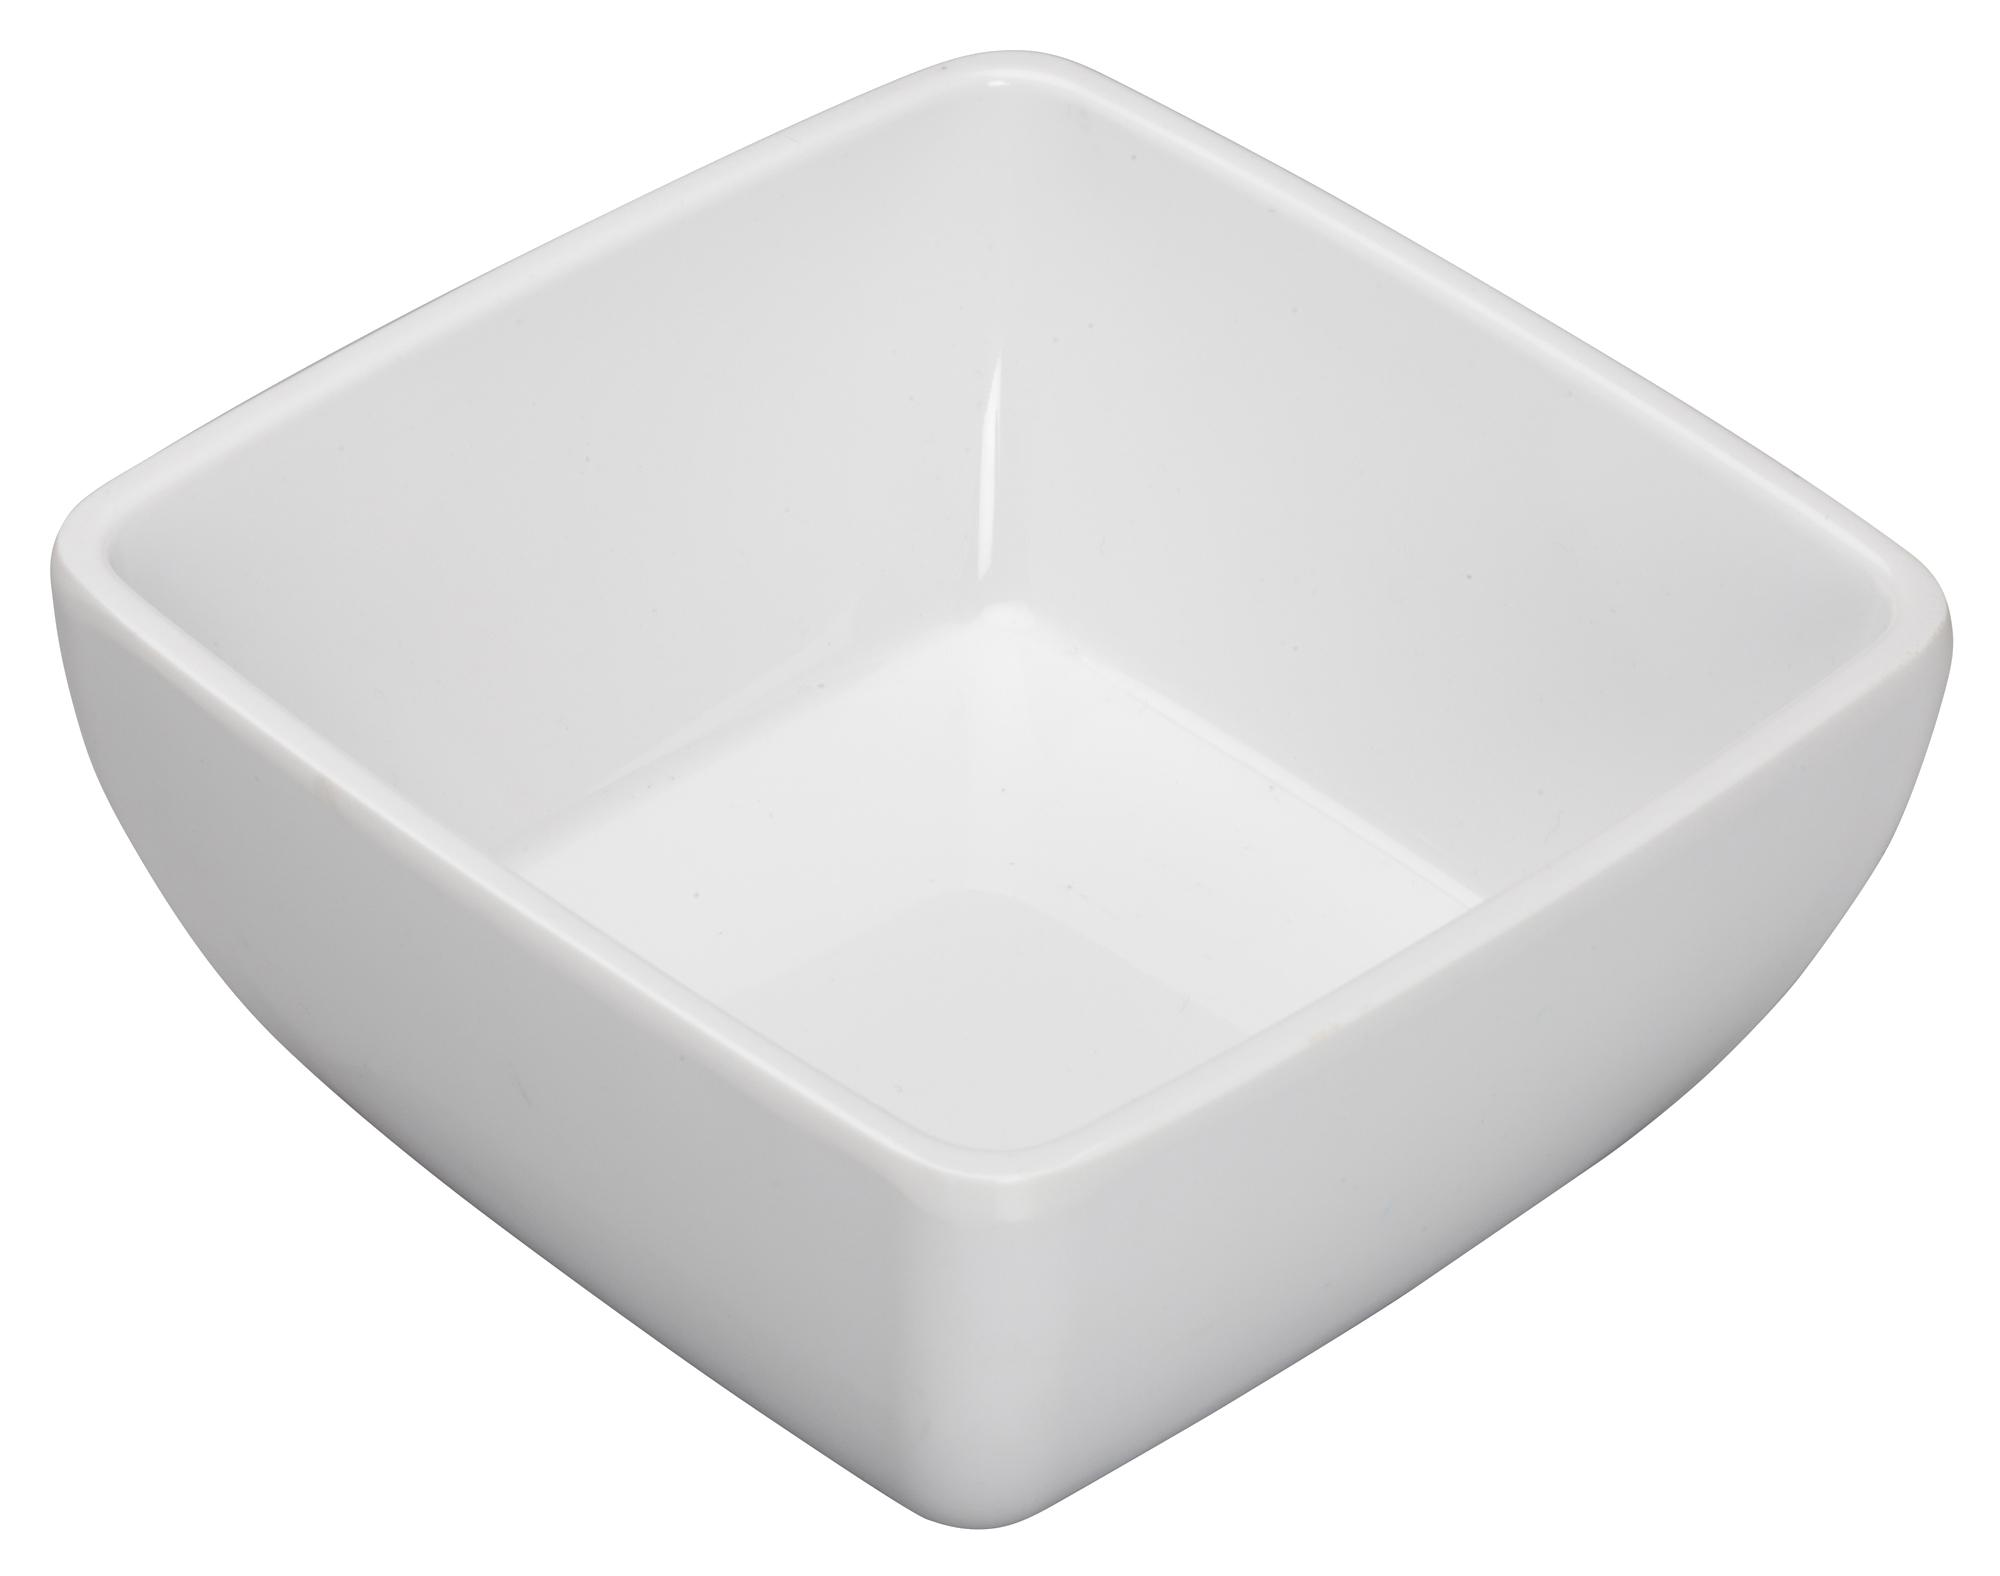 Winco WDM009-203 bowl, plastic,  0 - 31 oz